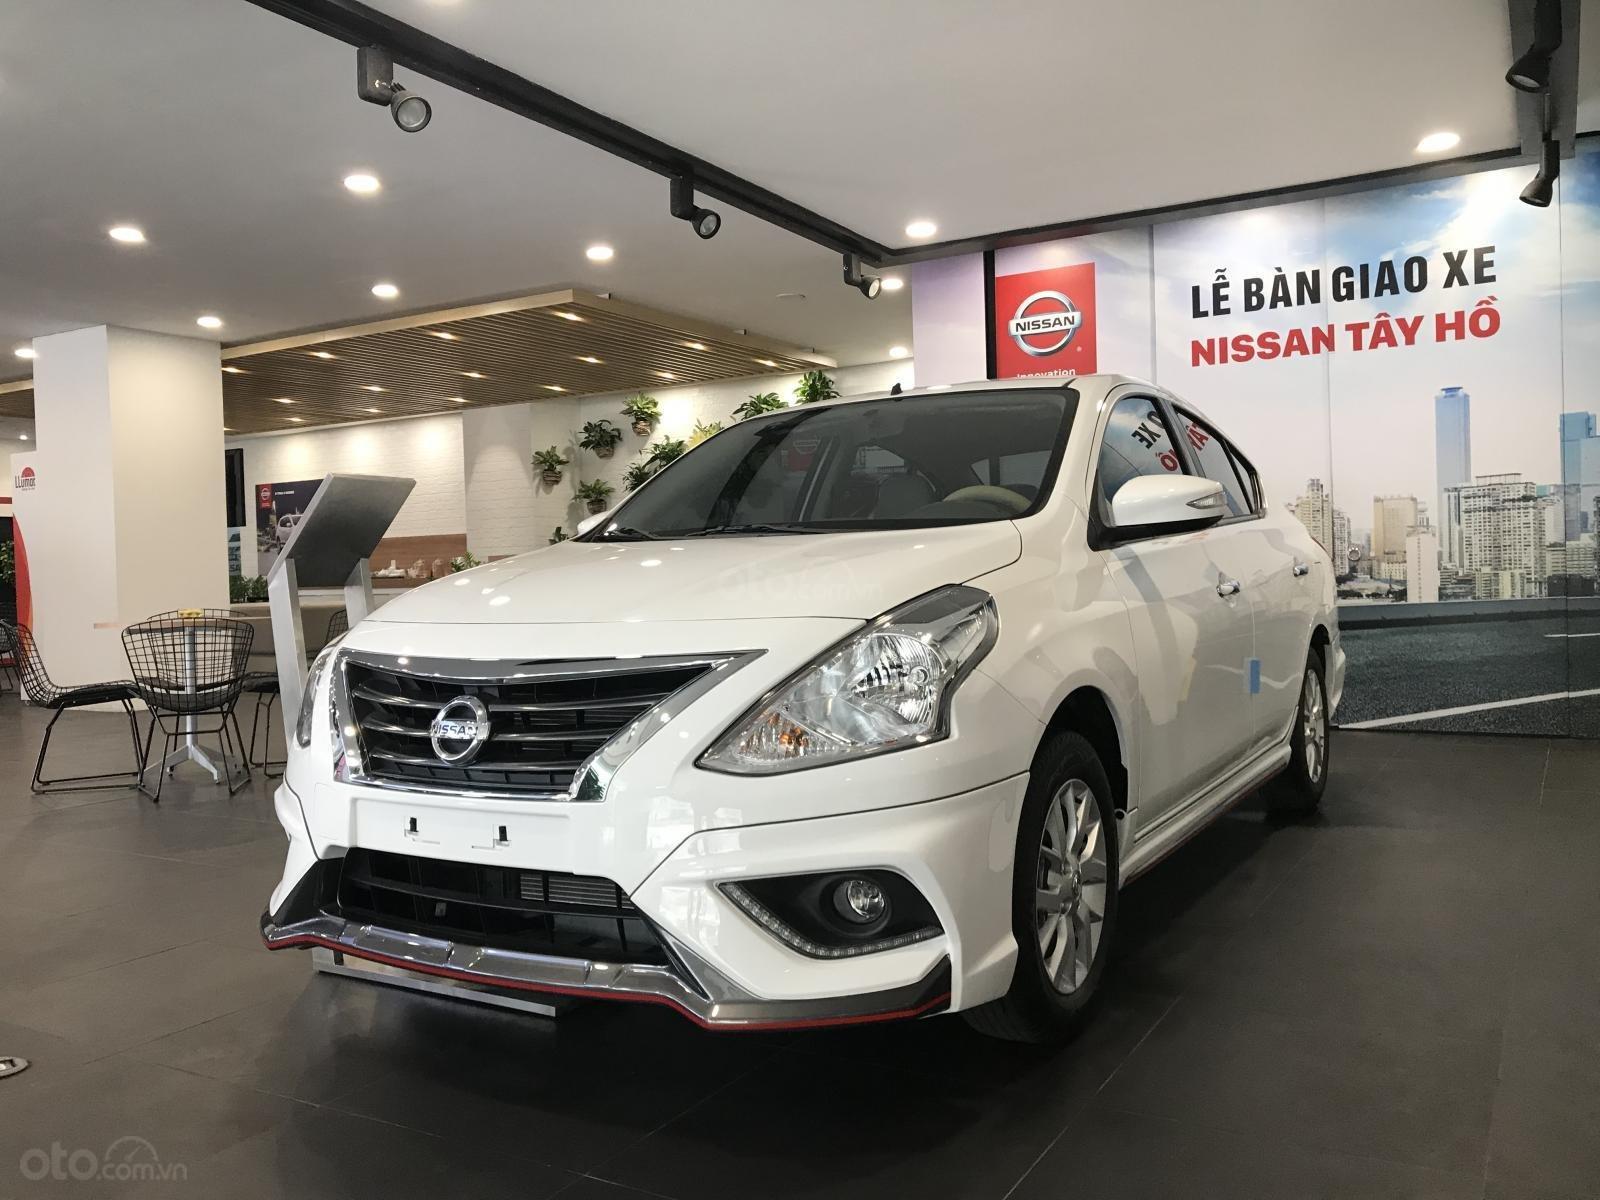 Cần bán xe Nissan Sunny Xl,XT,XV năm sản xuất 2019, màu trắng, 405 triệu-1